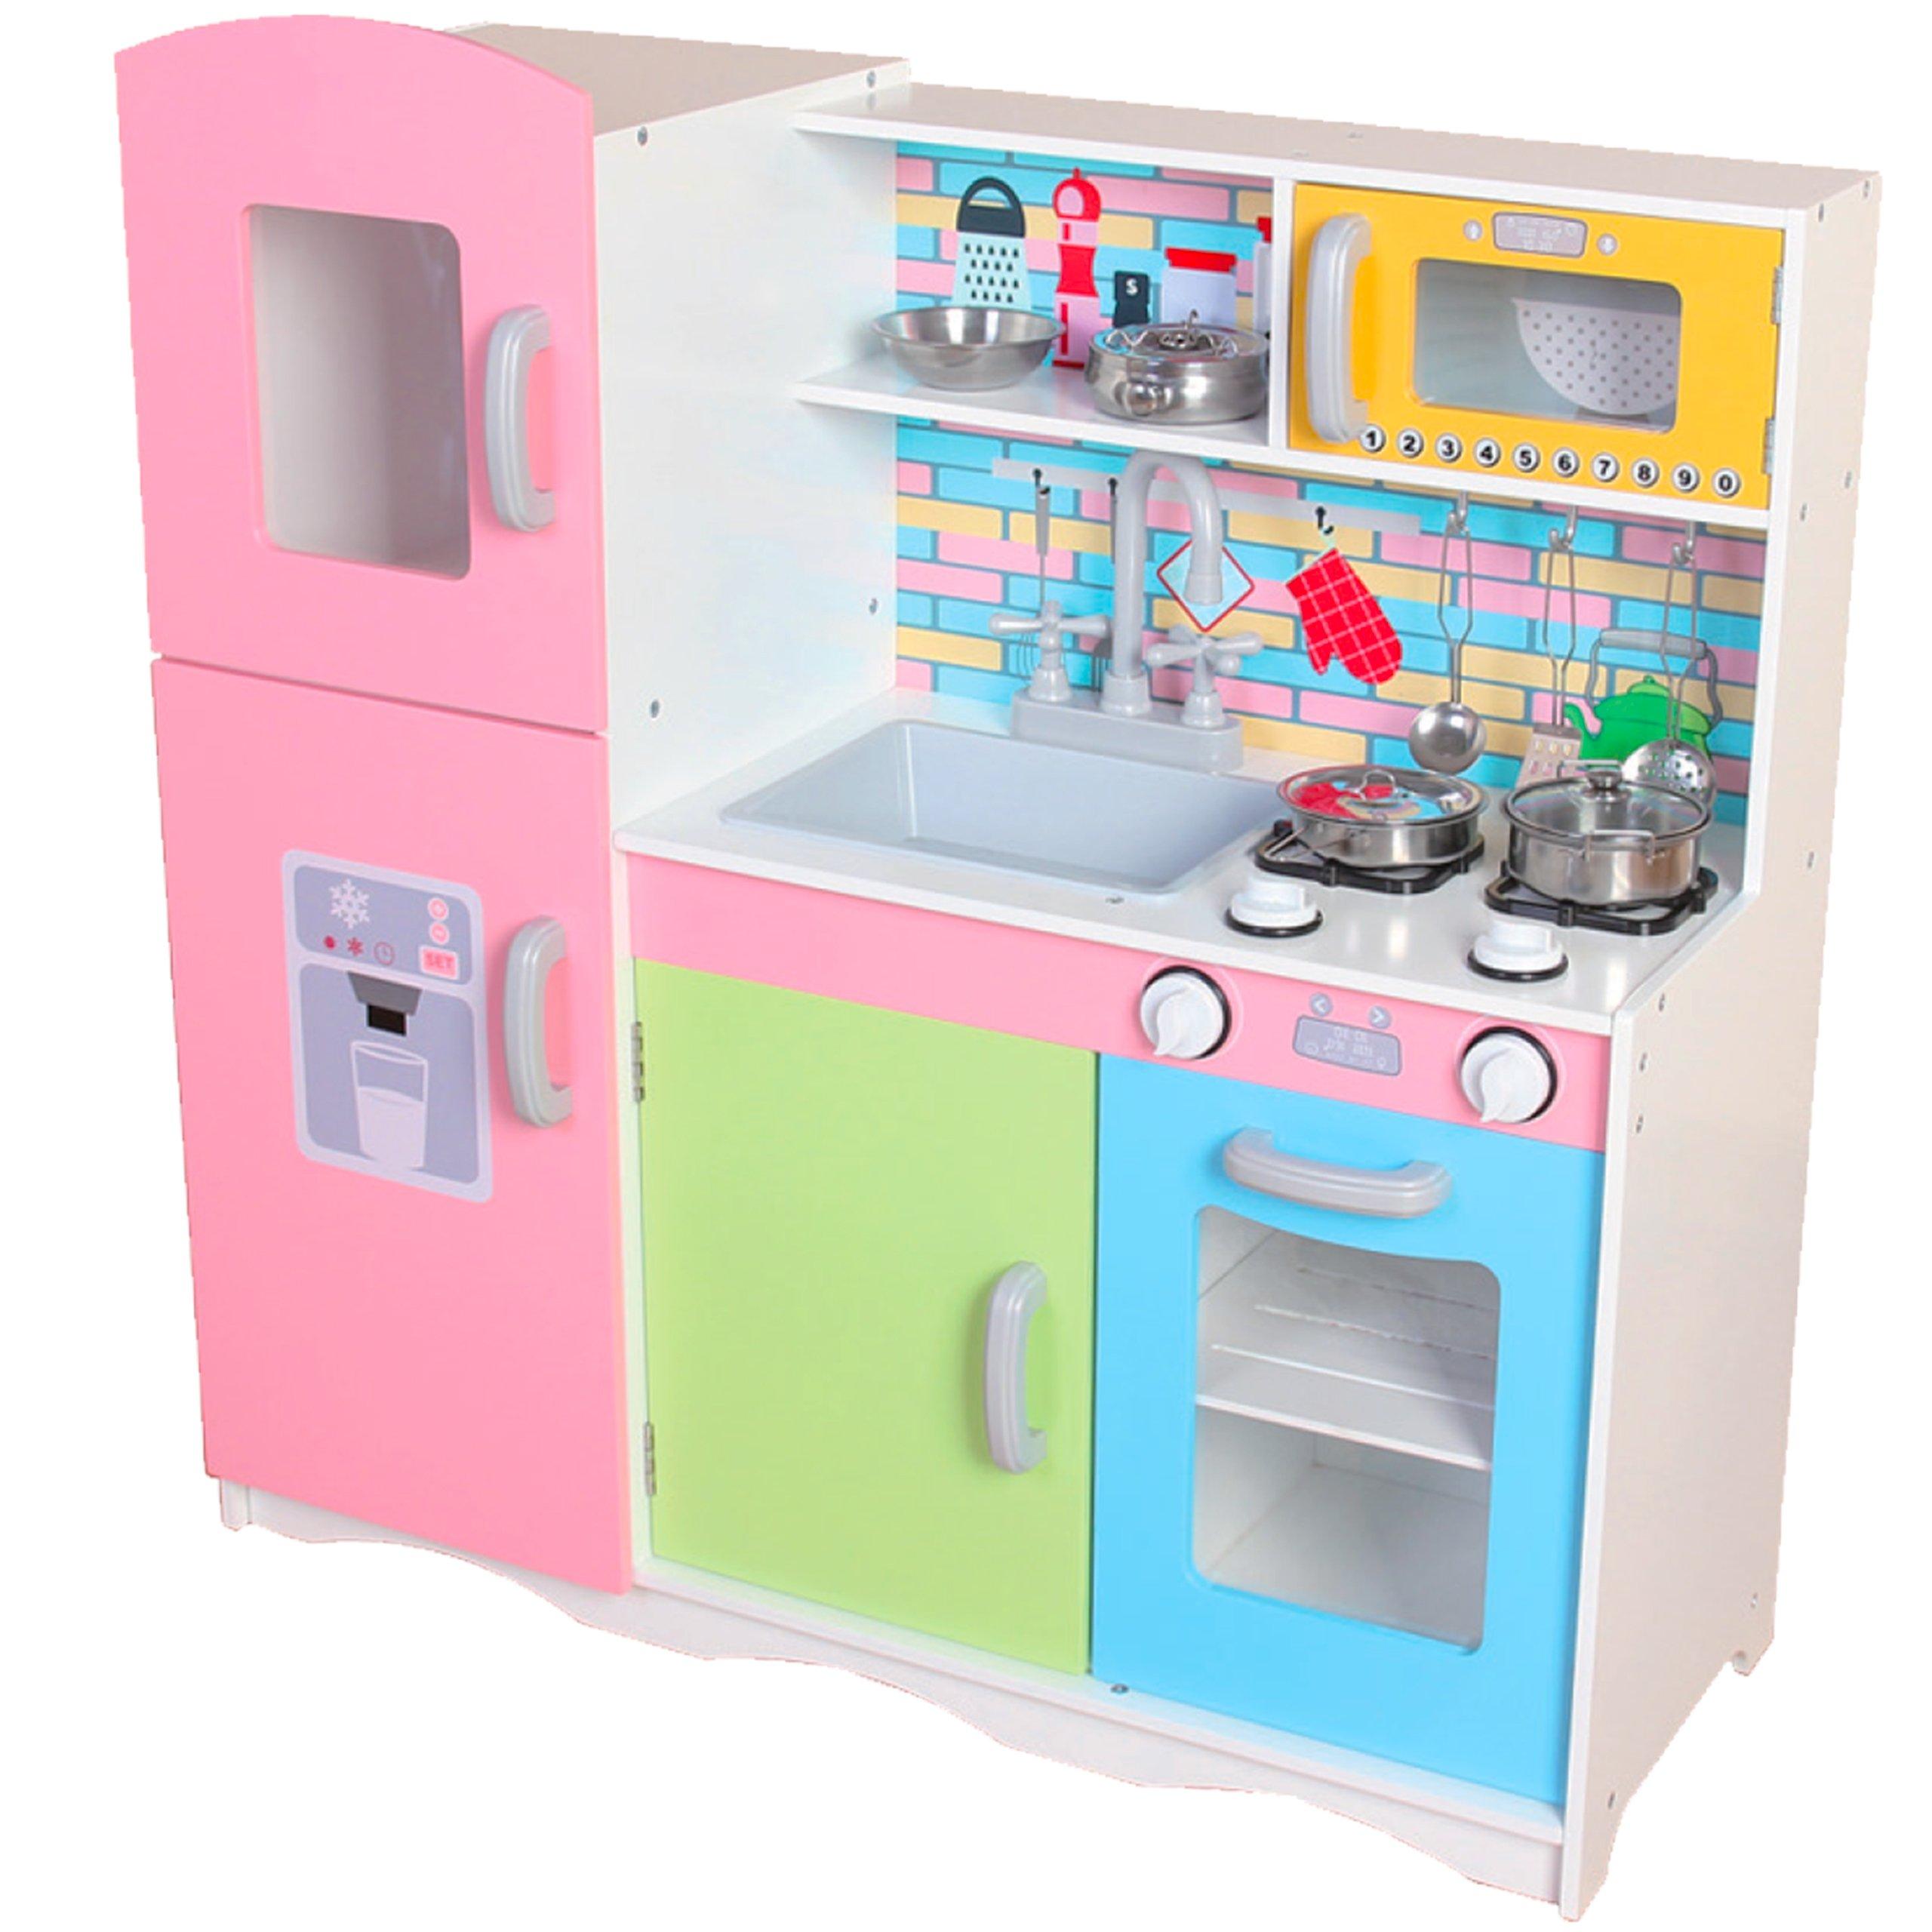 Drewniana Kuchnia Dla Dzieci Z Wyposażeniem Tk038